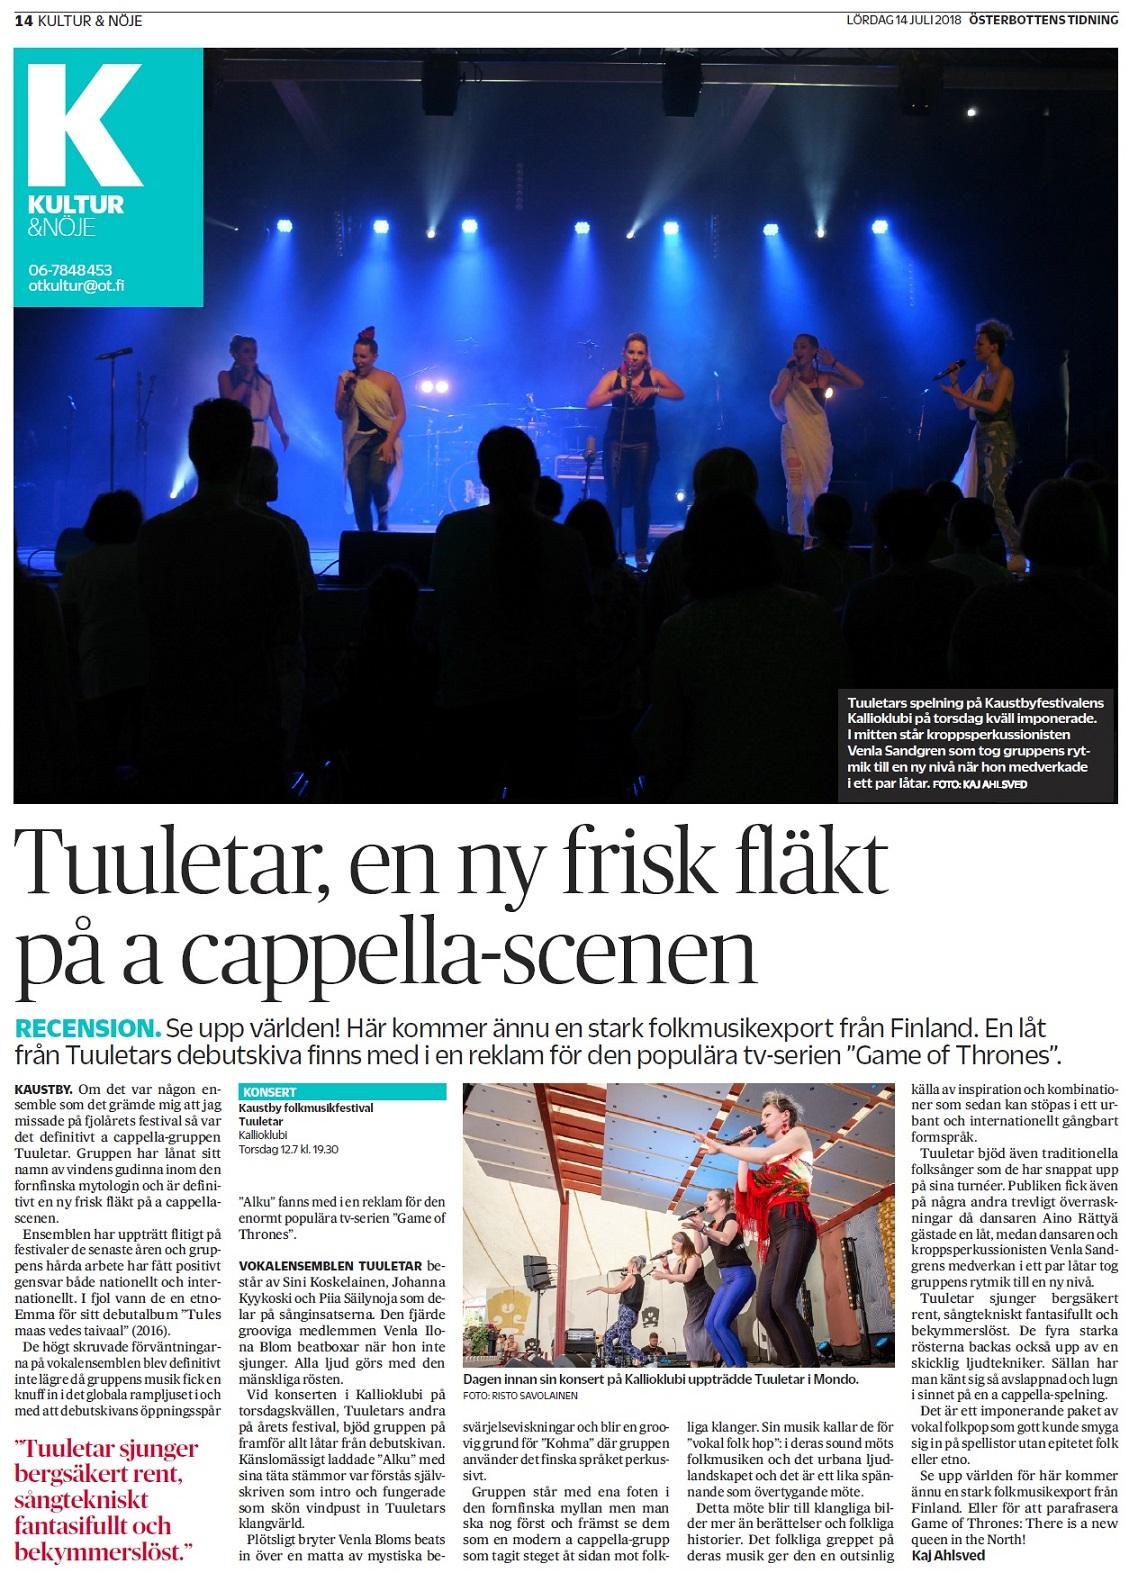 Österbottens Tidning, 14.7.2018